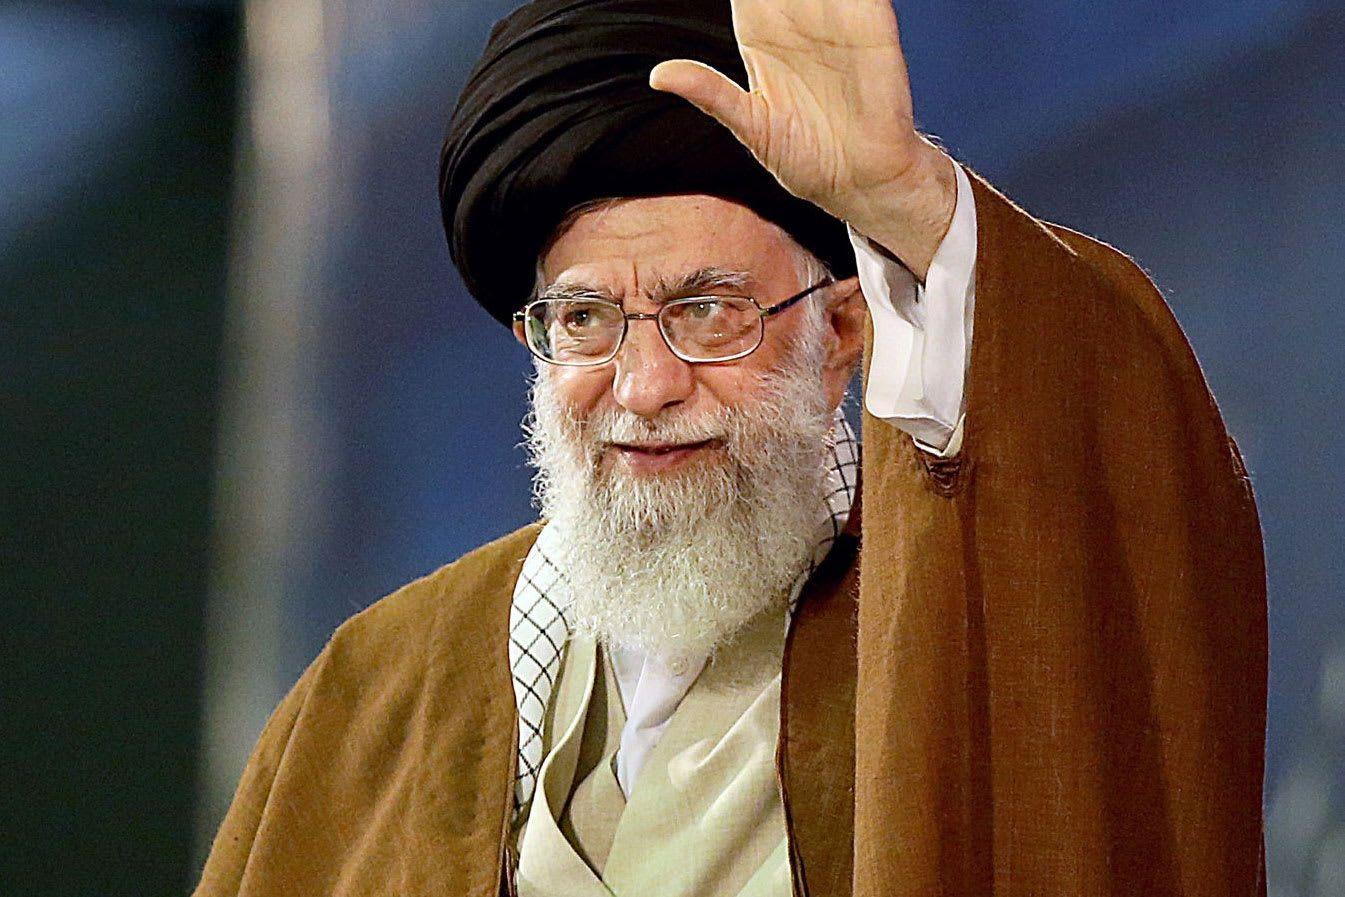 Iran S Supreme Leader Calls Trump A Clown Who Will Betray